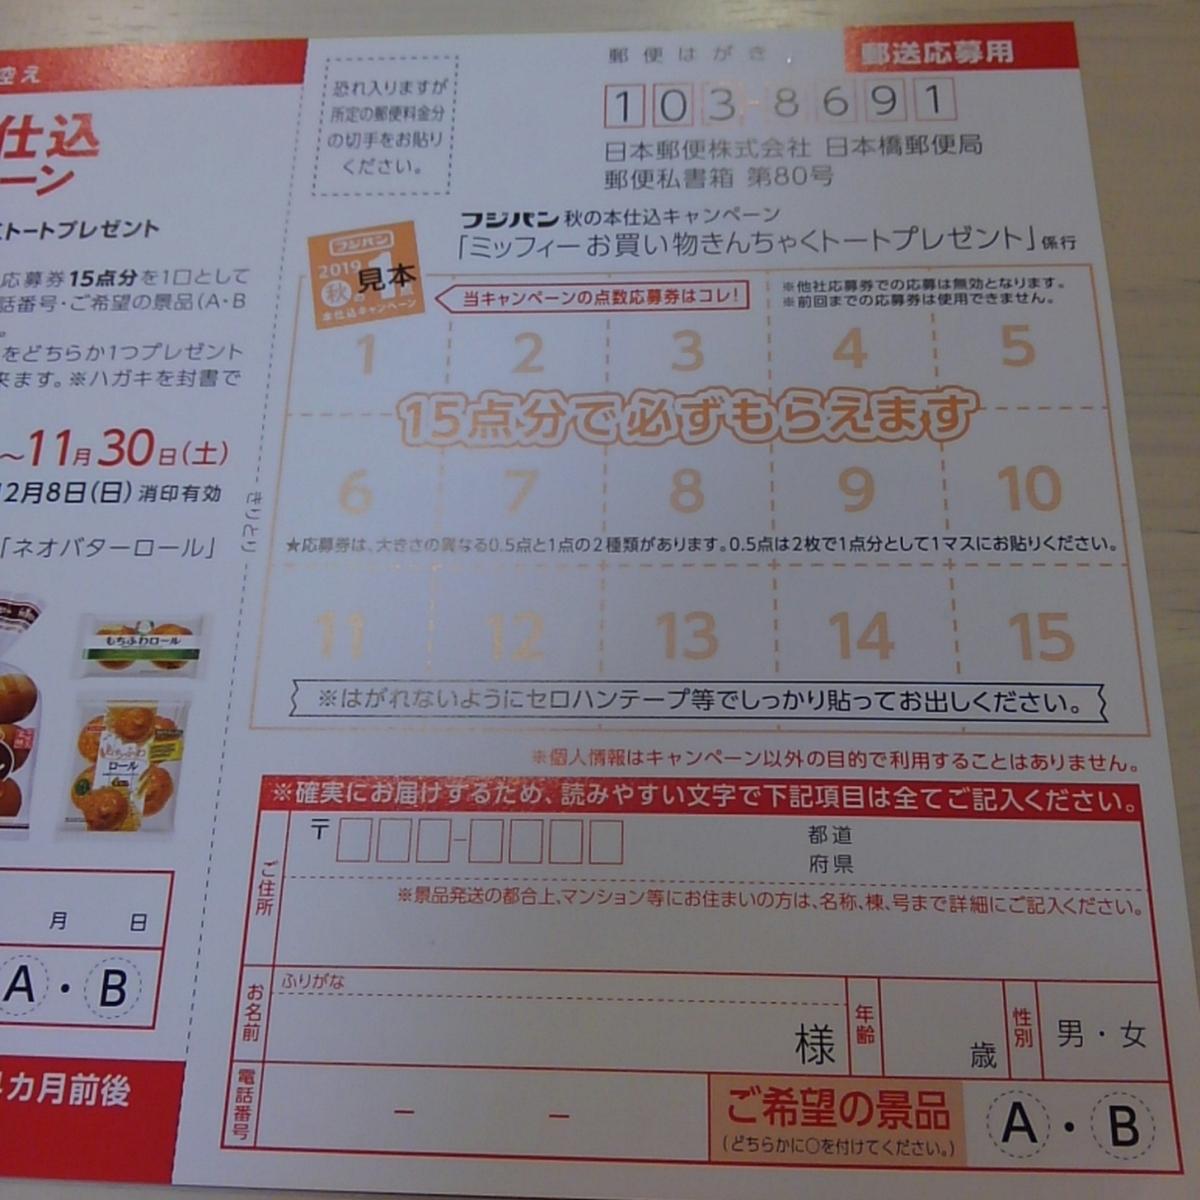 フジパン 秋の本仕込キャンペーン